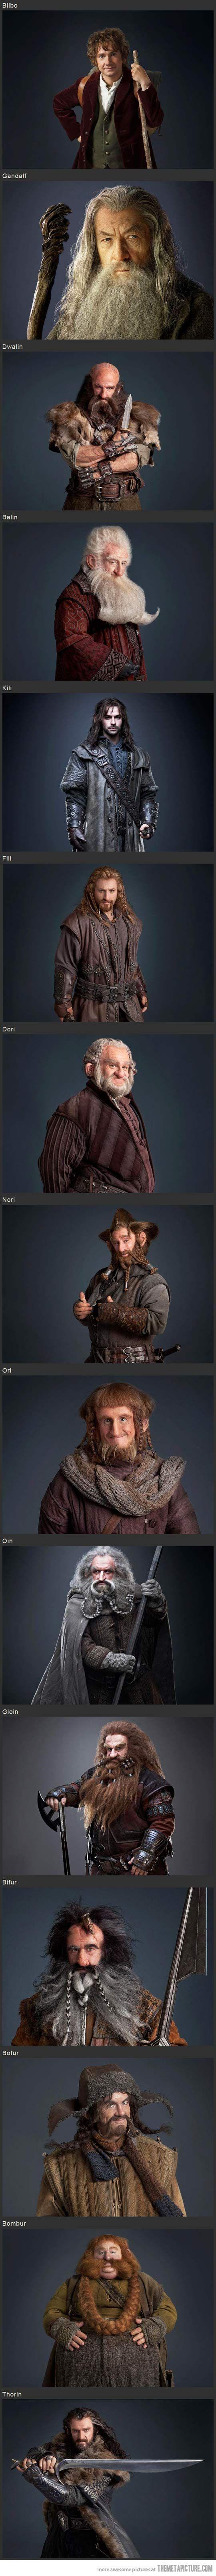 Bilbo, Gandalf, Dwalin, Balin, Kili, Fili, Dori, Nori, Ori, Oin, Gloin, Bifur, Bofor, Bombur, & Thorin.